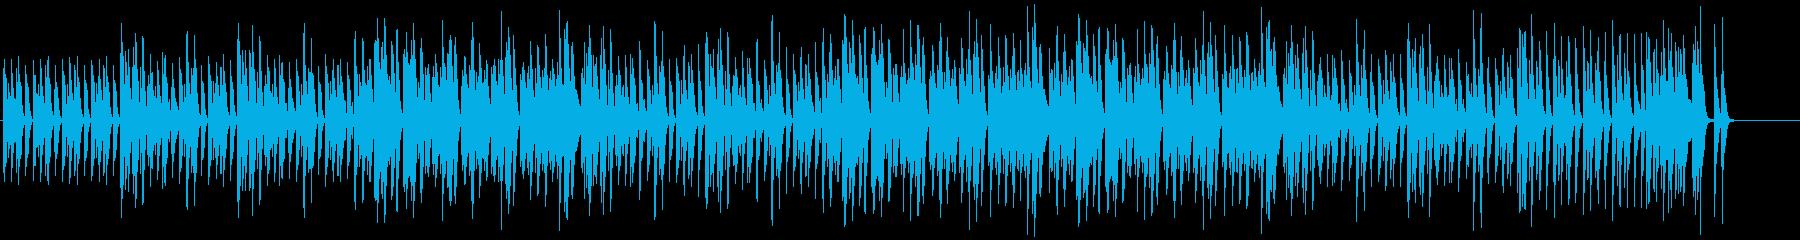 キラキラで可愛いポップなBGMの再生済みの波形